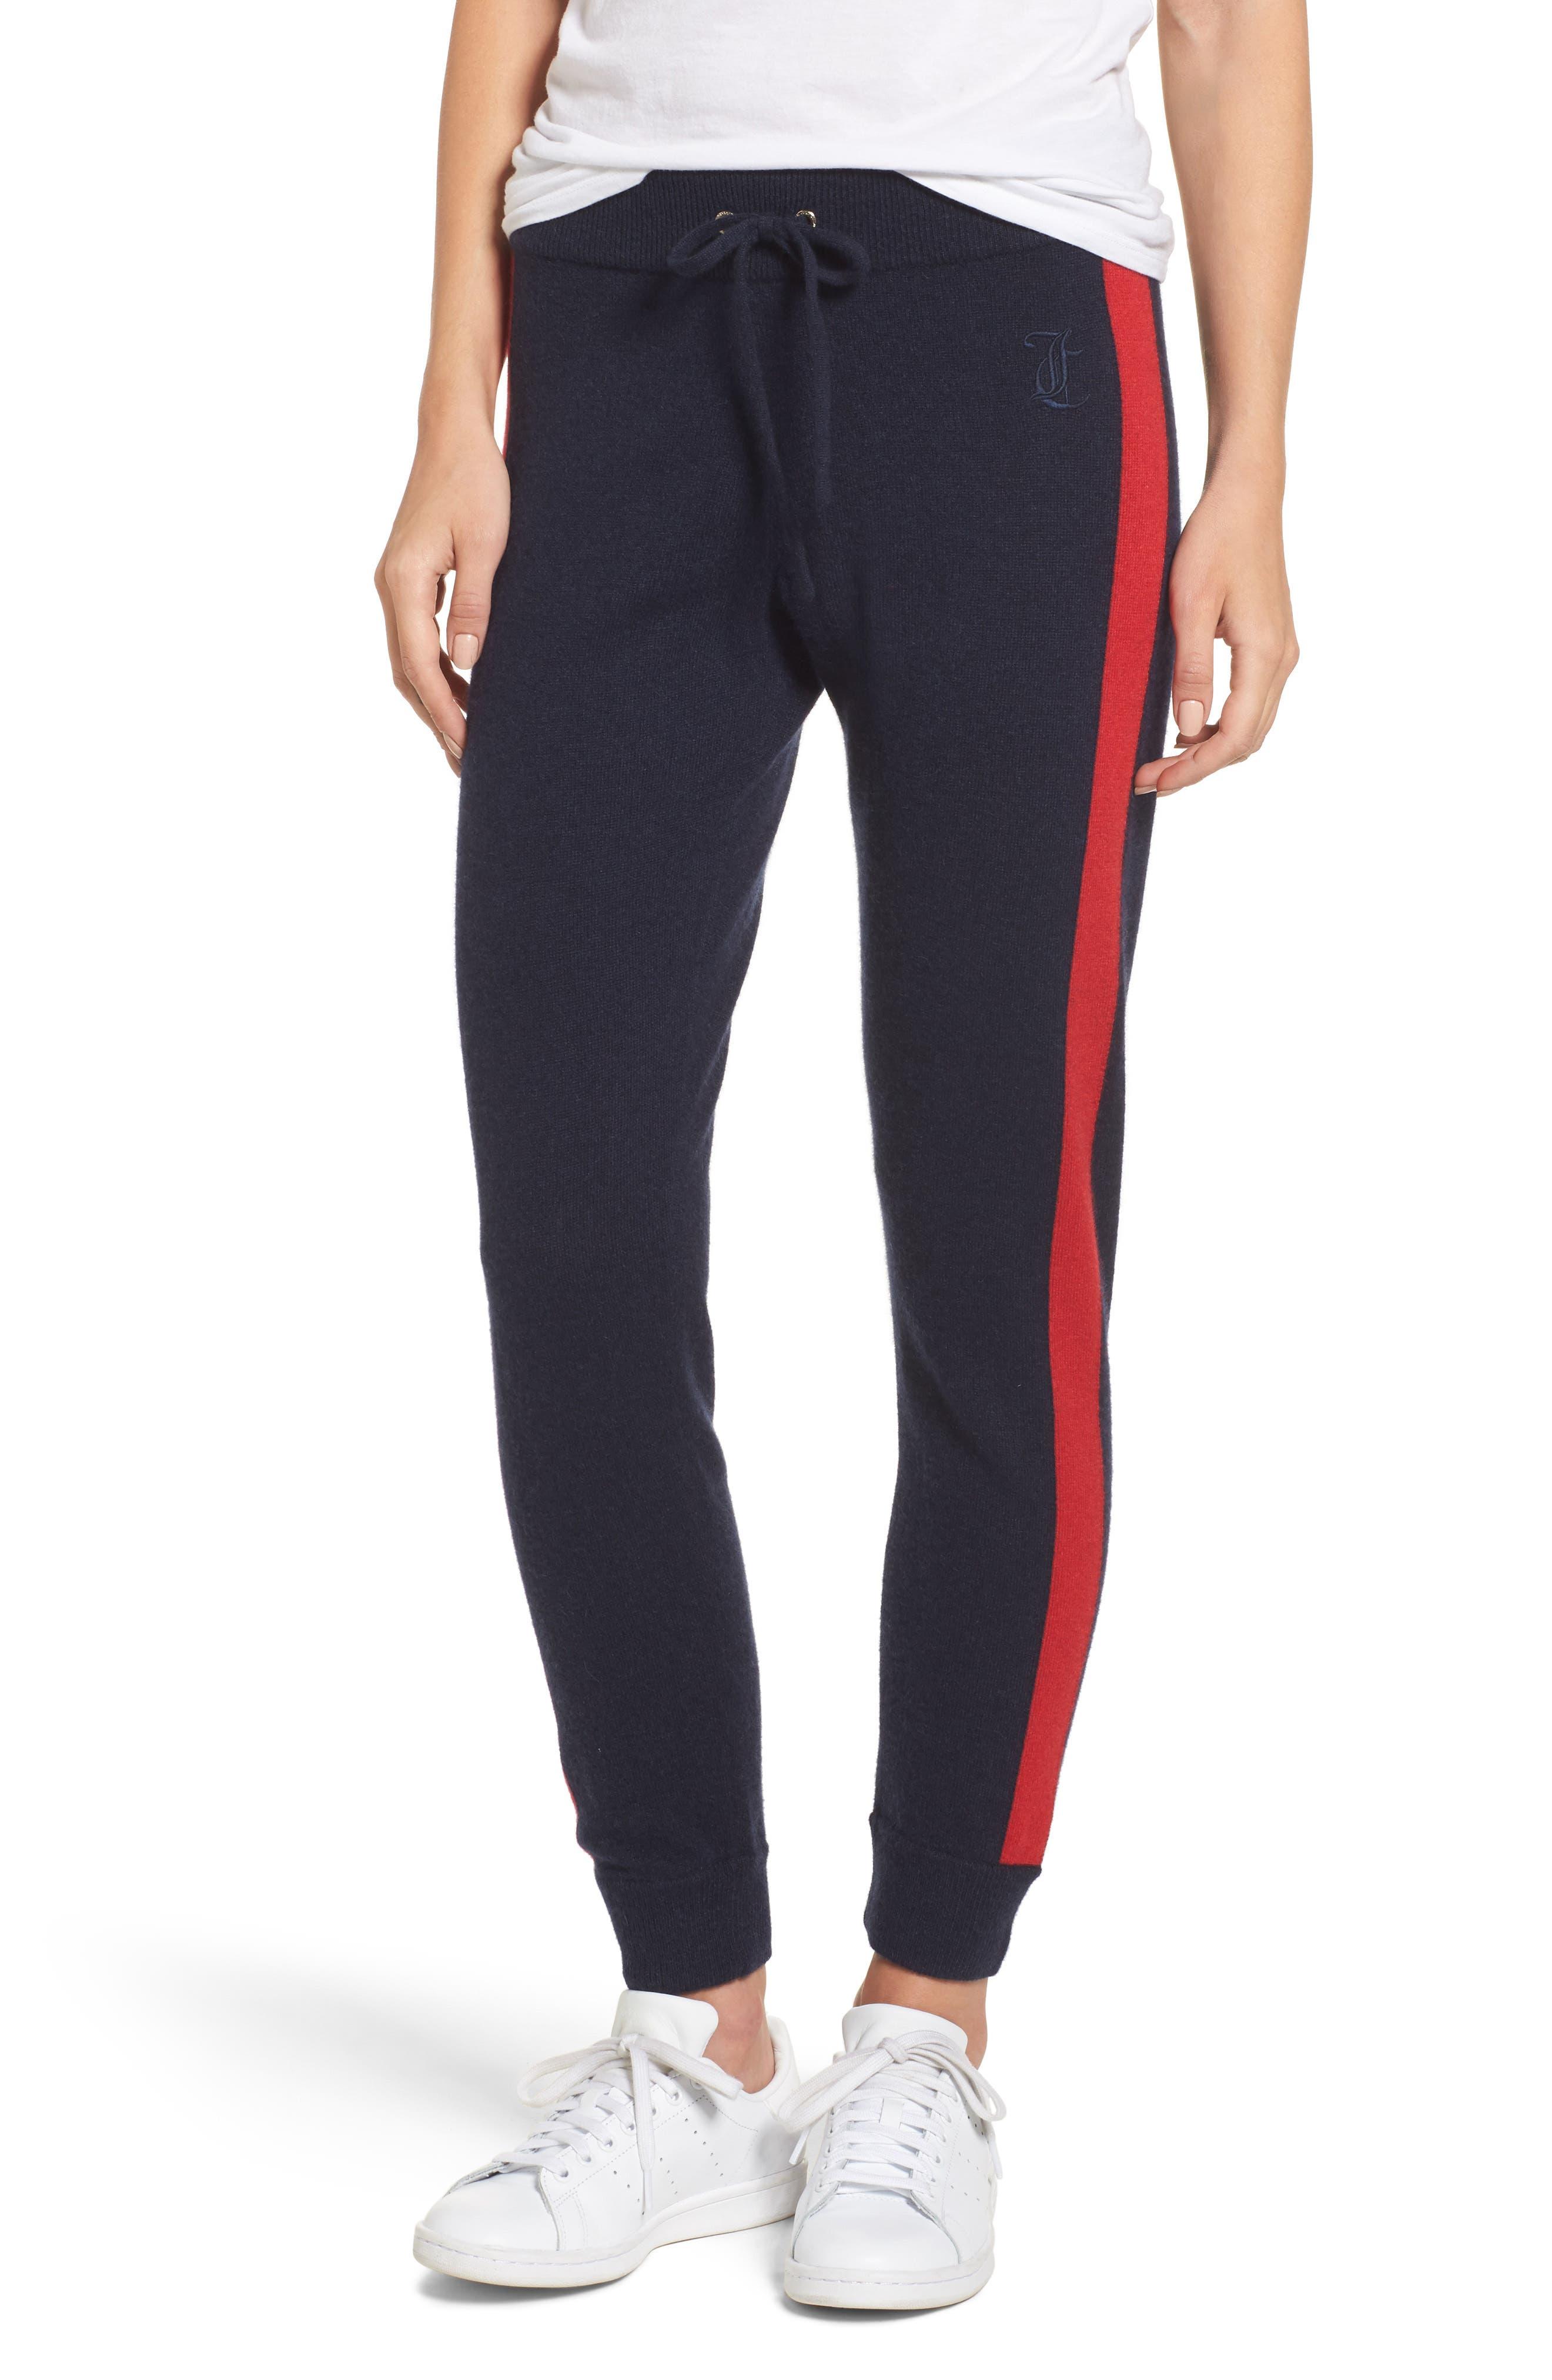 Juicy Couture Colorblock Cashmere Jogger Pants